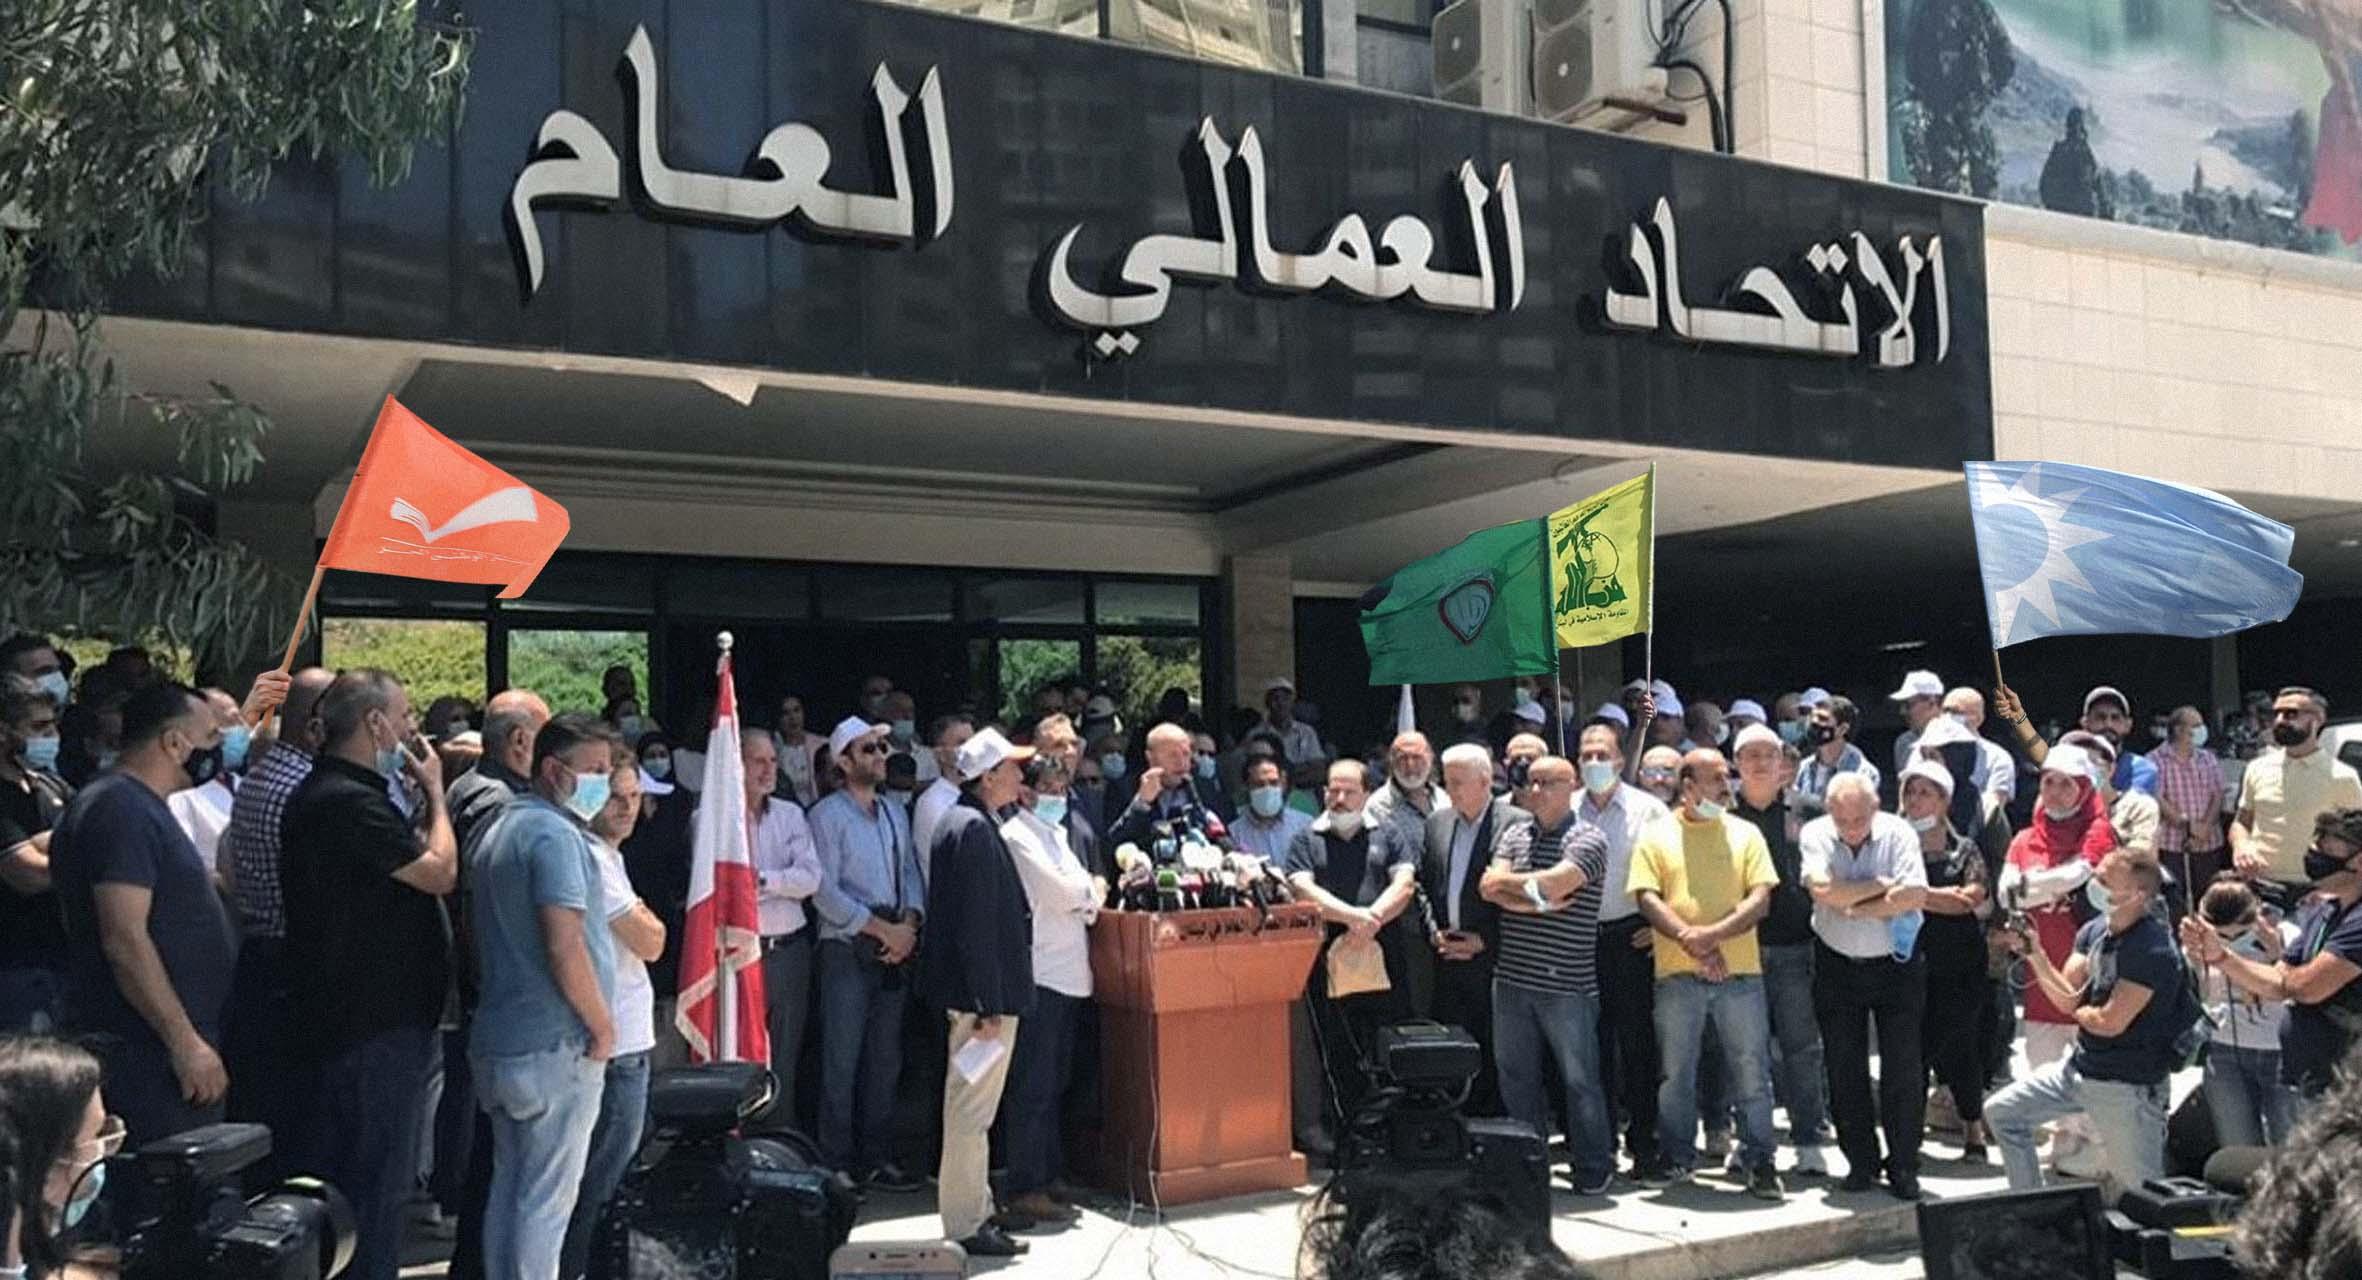 صورة الأحزاب اللبنانية الحاكمة ترحب باقتداء المواطنين بها وإضرابهم عن العمل